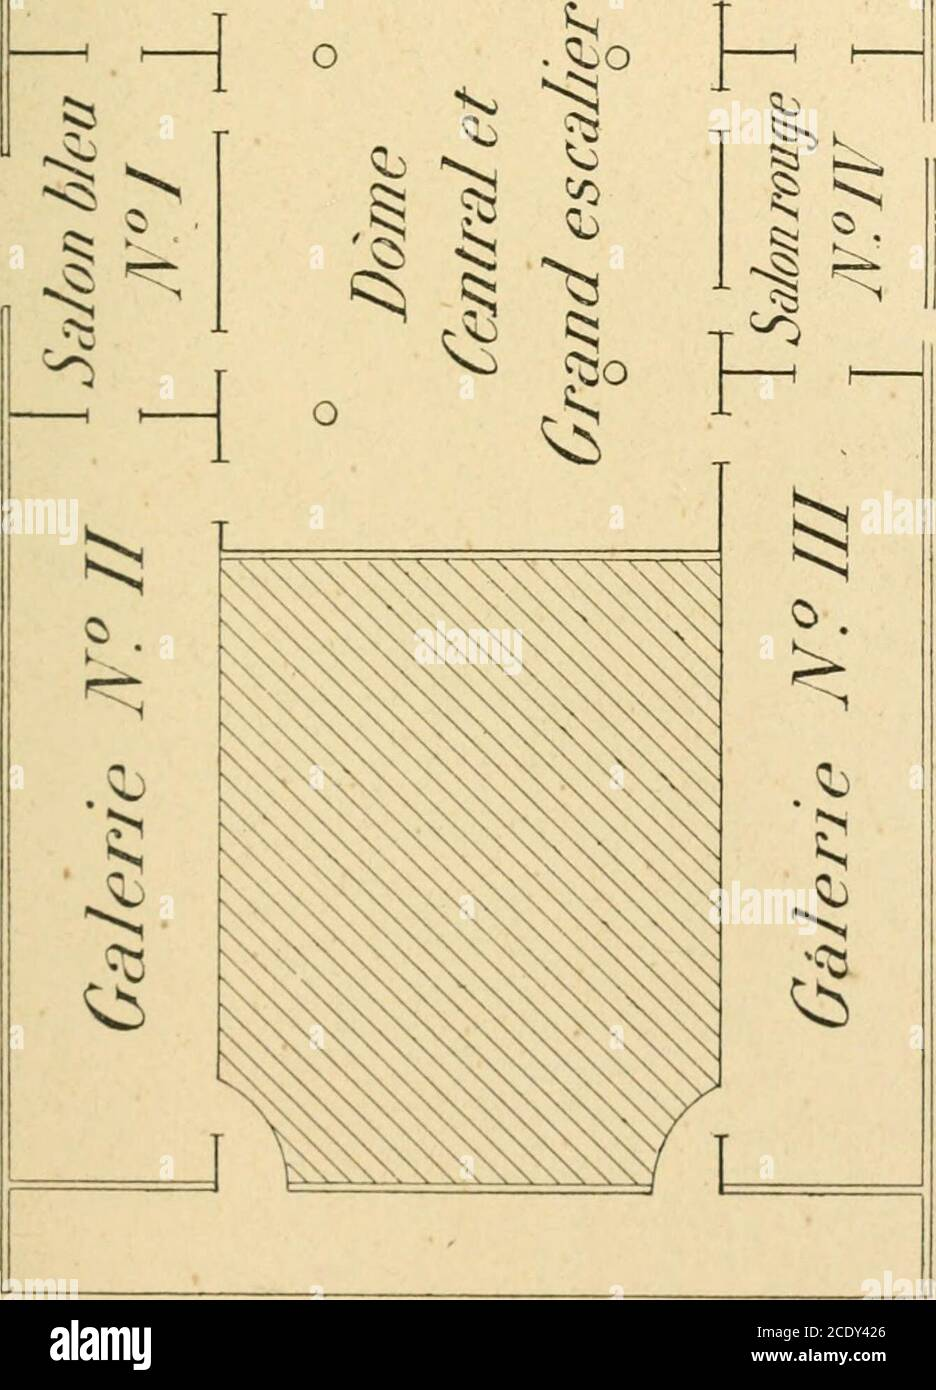 . Catalogue des pièces de peinture, sculpture et gravure . EVREUX CHARLES HÉRISSEY, IMPRIMERIE-ÉDITEUR 4, KUK DH LA BANQUE, 4TOUS DROITS RÉSERVÉS. SIGNES ABRÉVIATIFS F. — Fonds de la Société nationale.S. — sociale.A. — associé. >-. HZ WS o p a ;^ o cr — ^ S ^ c^ -? __ C c ::3 . o c^ ID =; h s^ t« c C^. O a rt r! -o o o a t/) G^J o « o .?ri O 13 c 3 S O — o ^ G O tri O .03 o ris Q. (-! 2J ? o o 1 3 Cï u c ?-Î .TI .ri E -3 rrs o L. TD t- = -< J -3:2 PEINTURE ADELSWARD (G. D). 1. — LAnse dEtretat. AGARD (C.-J.)- 2. — Portrait, de M. E. G... 3. _ Portrait de M^^ E. li. ALAUX Banque D'Images